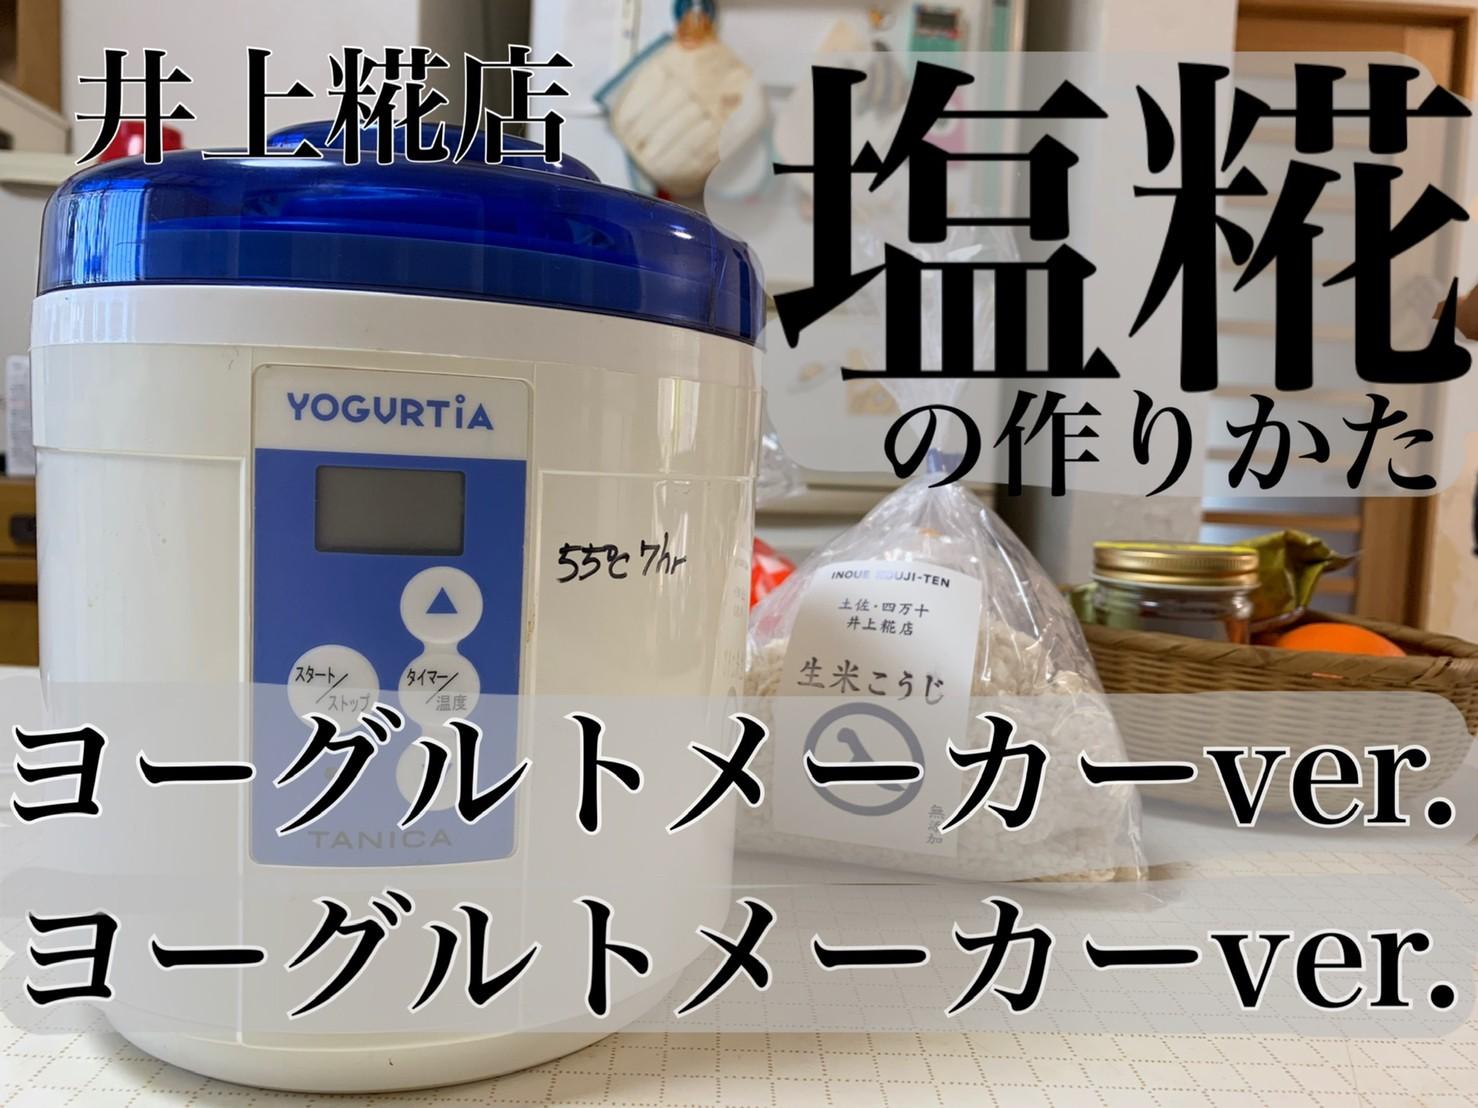 塩糀の作り方動画 ヨーグルトメーカーを使って